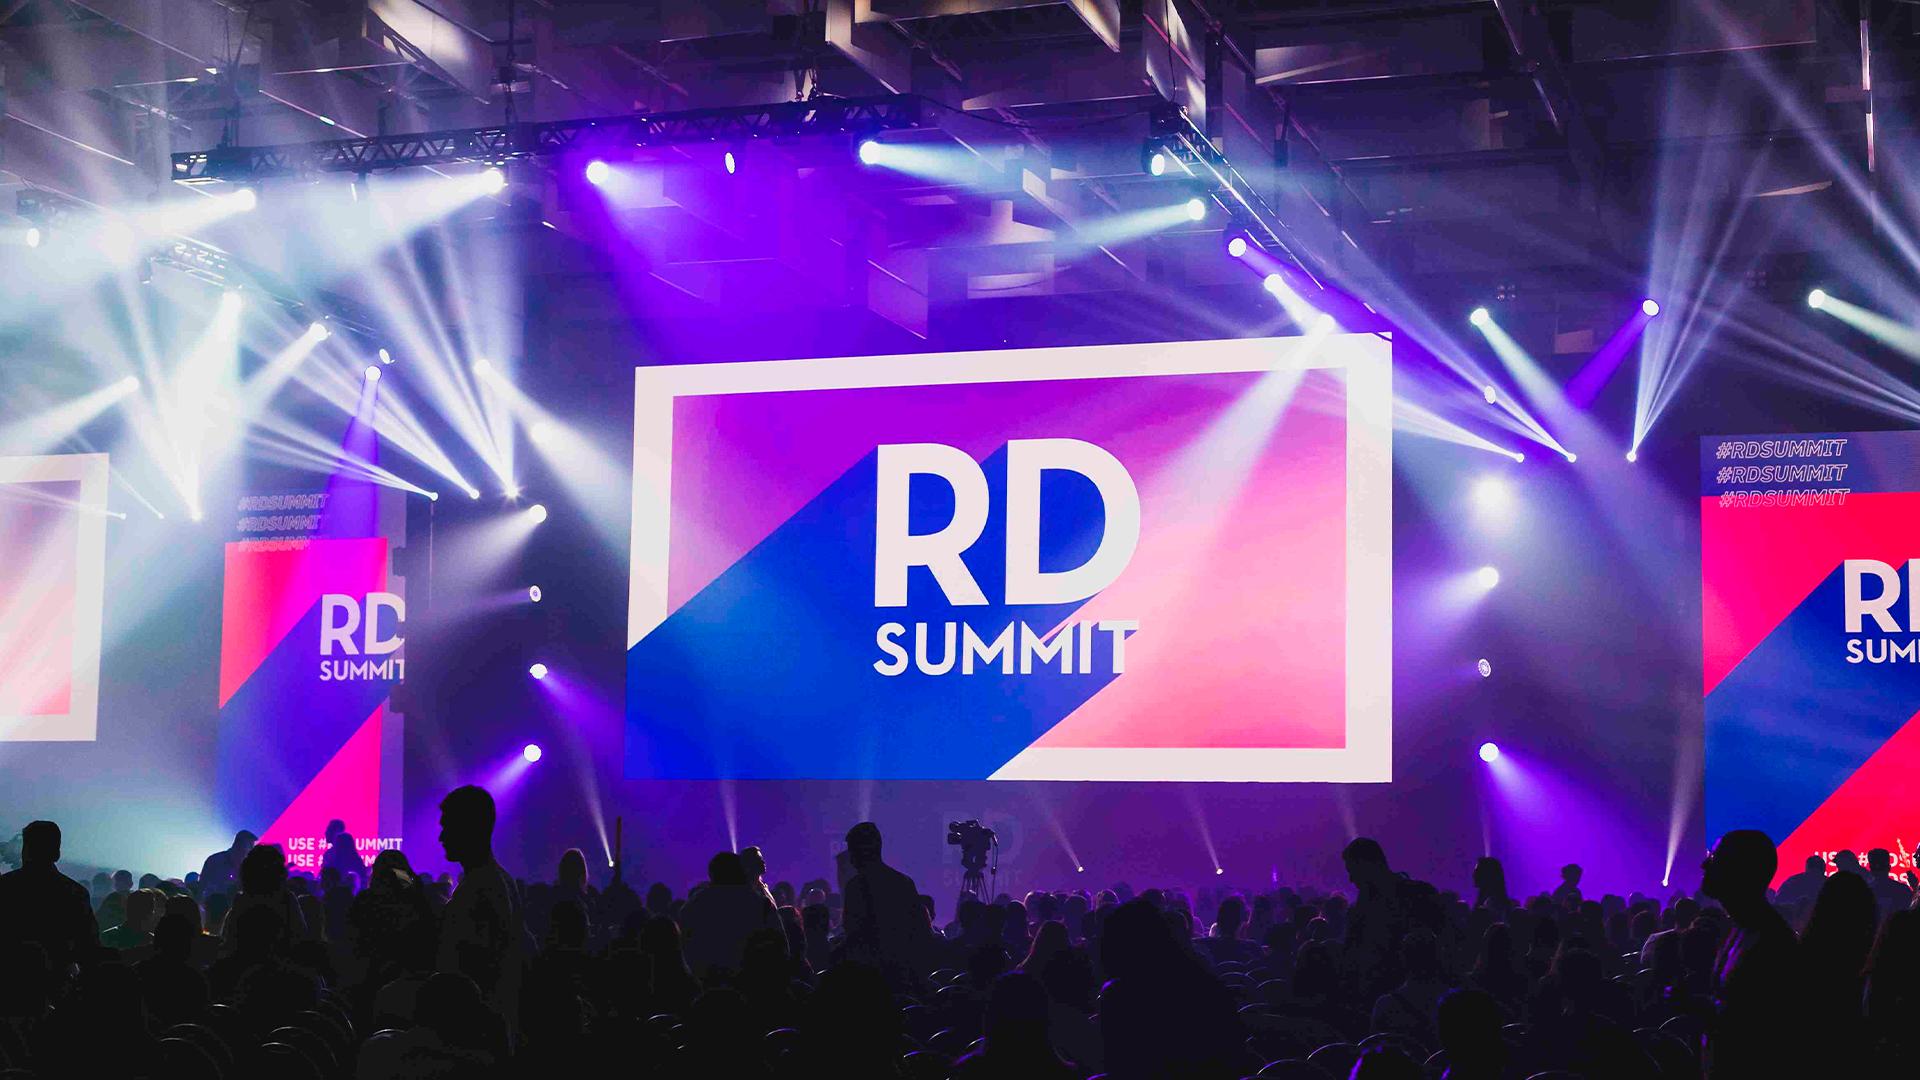 Hostel by RD Summit 2020, um novo evento da RD